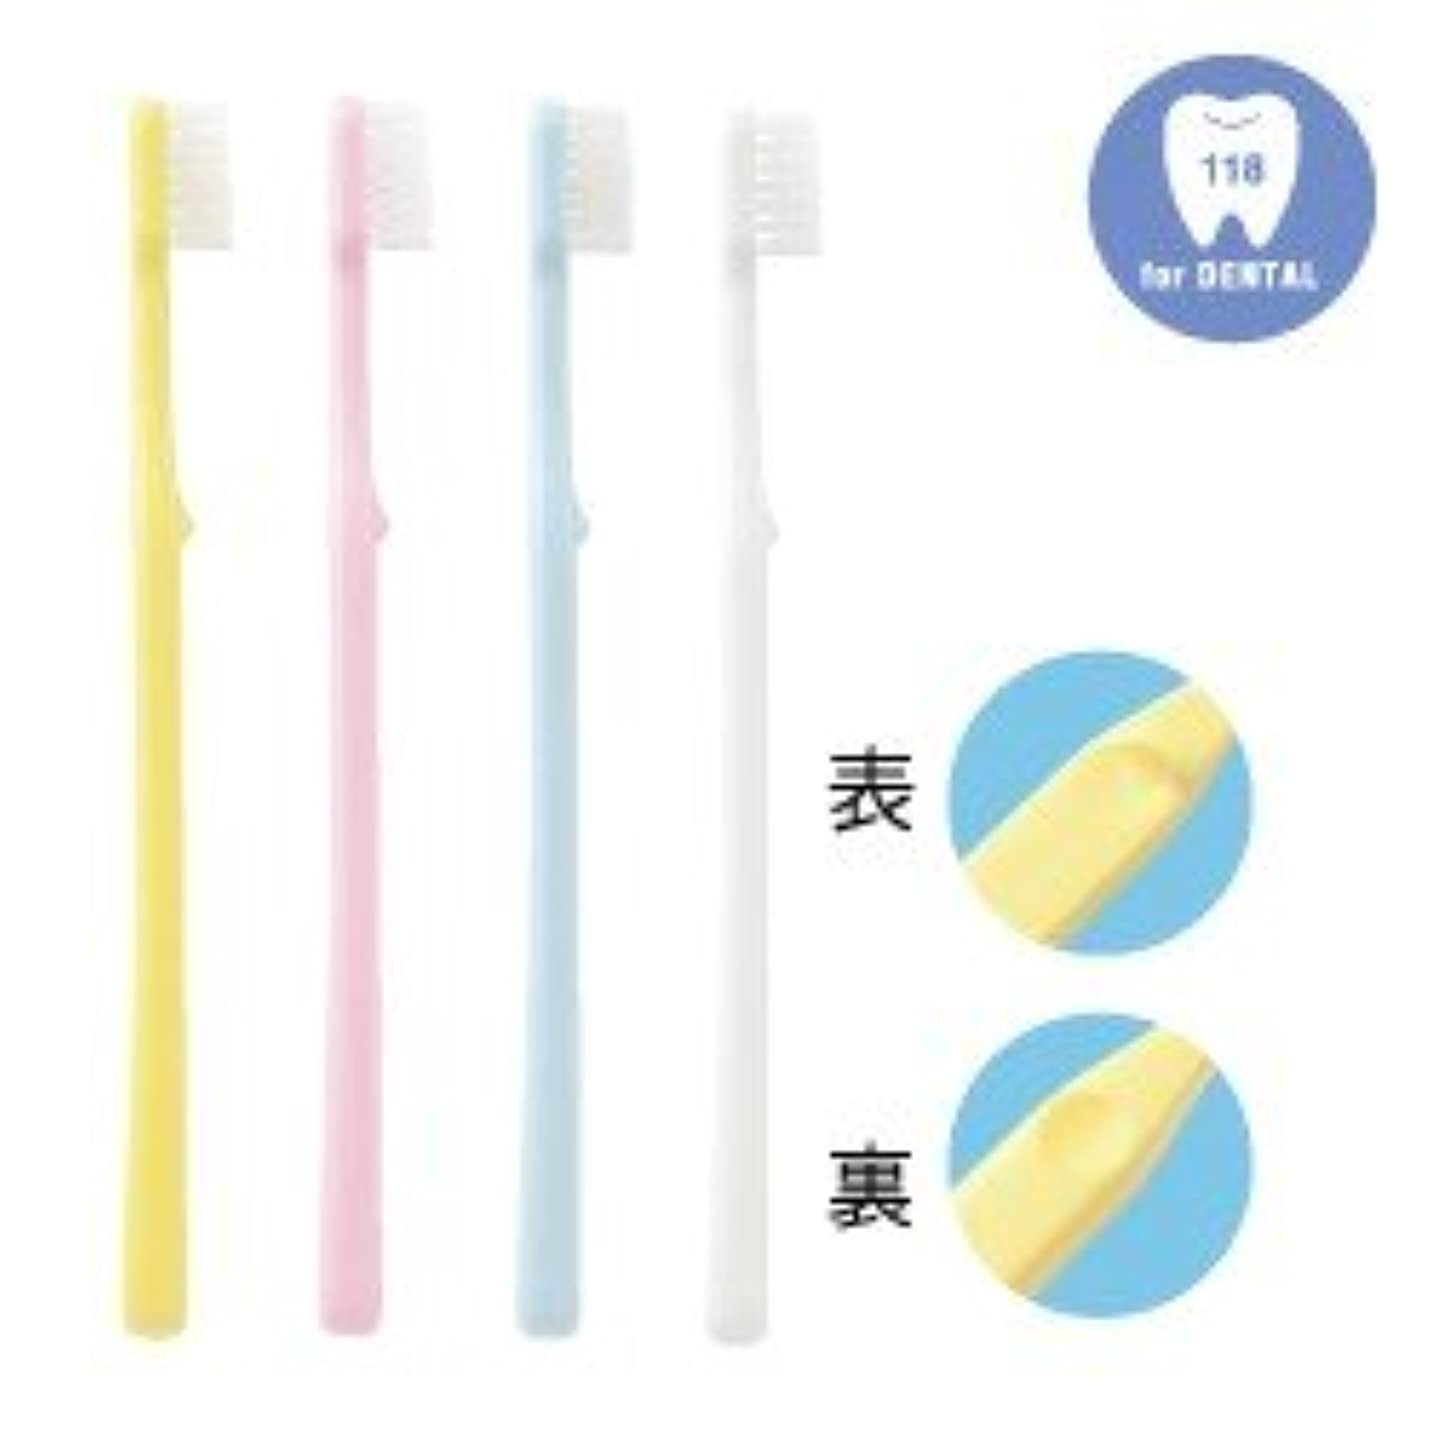 優越優越管理します歯科専用歯ブラシ フォーカス 子供用 118シリーズ M(ふつう) 20本